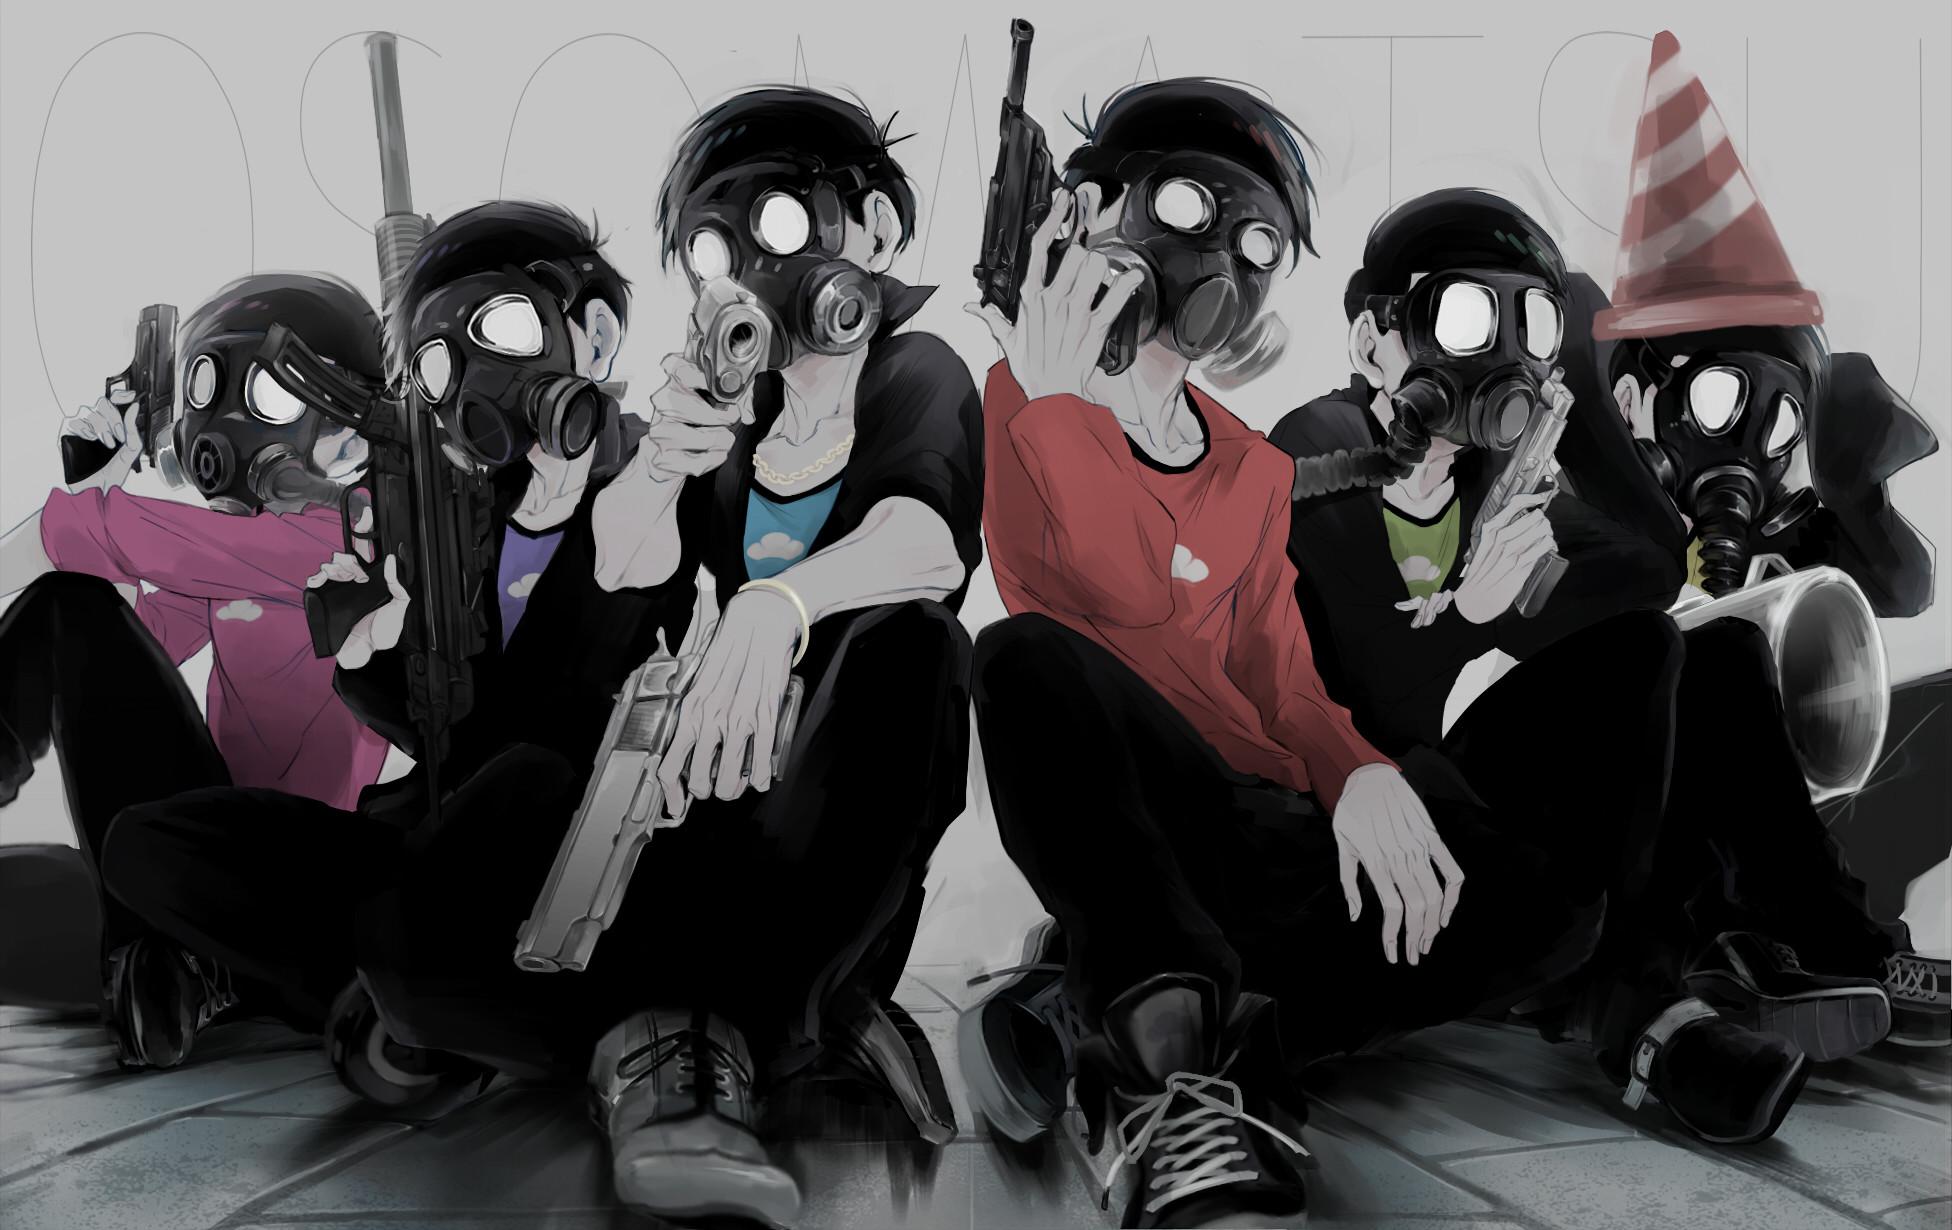 Osomatsu-kun download Osomatsu-kun image